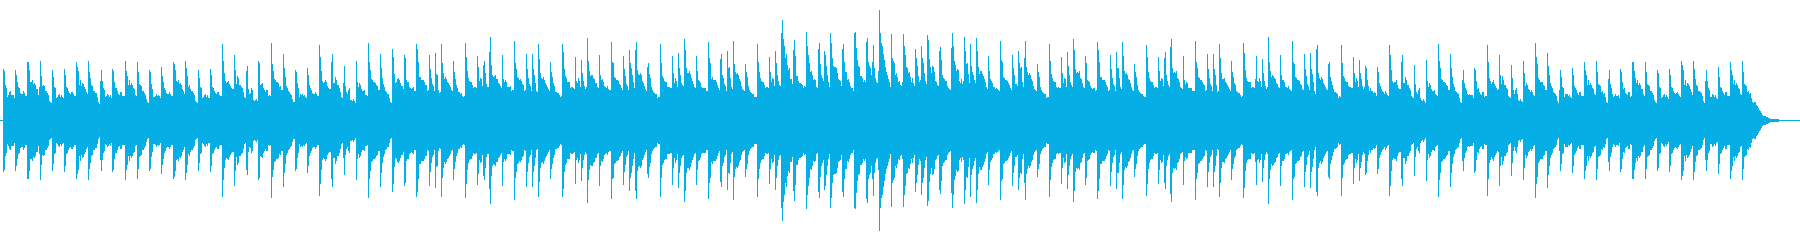 不安を煽る静かなホラー系オルゴール曲の再生済みの波形